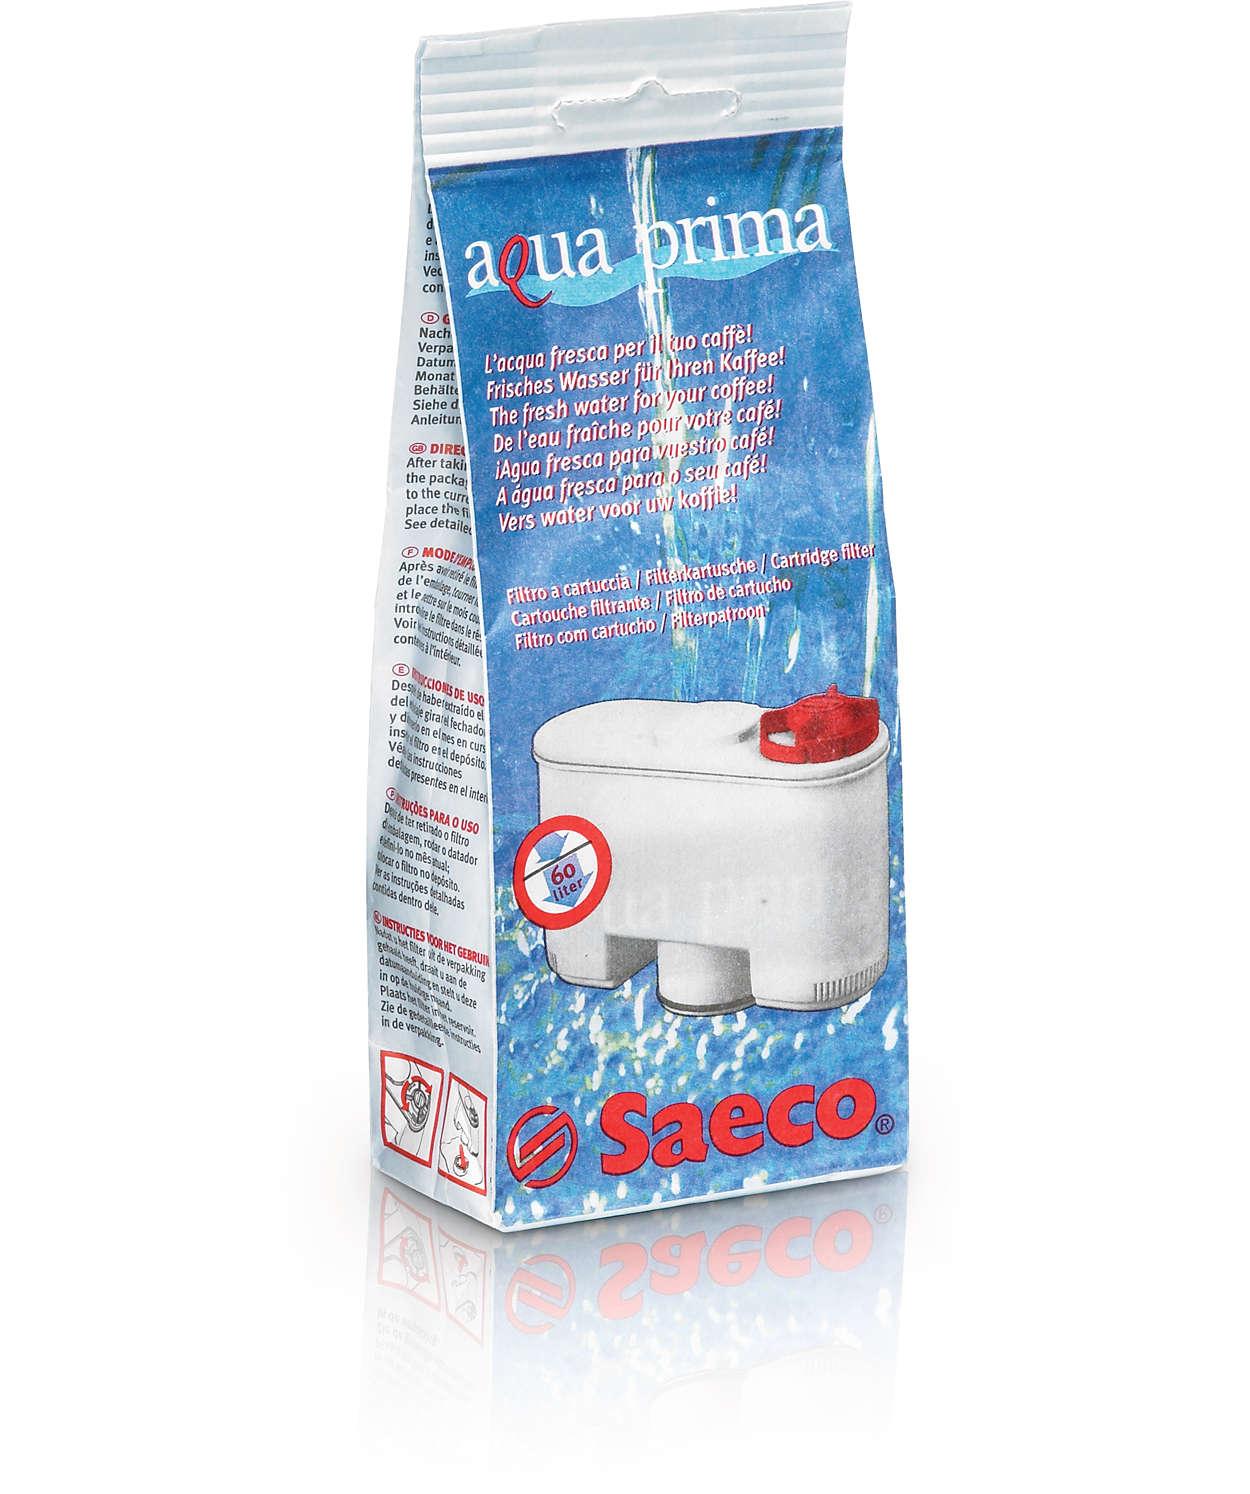 Per un espresso dal gusto impeccabile, filtra l'acqua del caffè